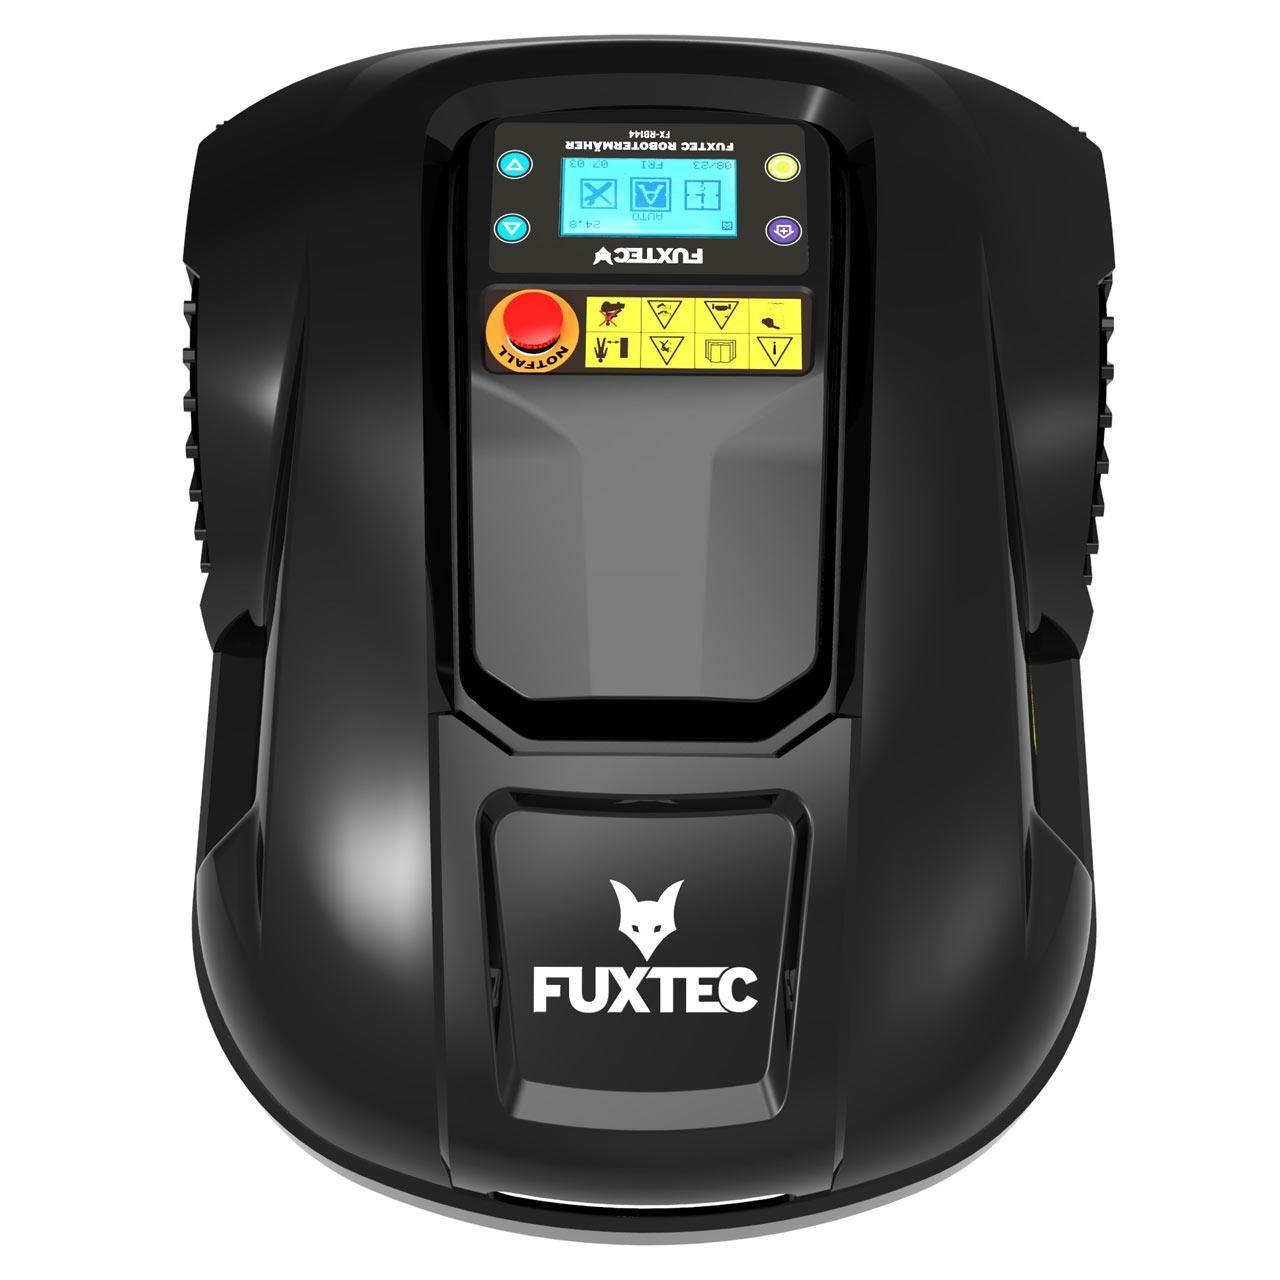 газонокосилка Fuxtec отзывы